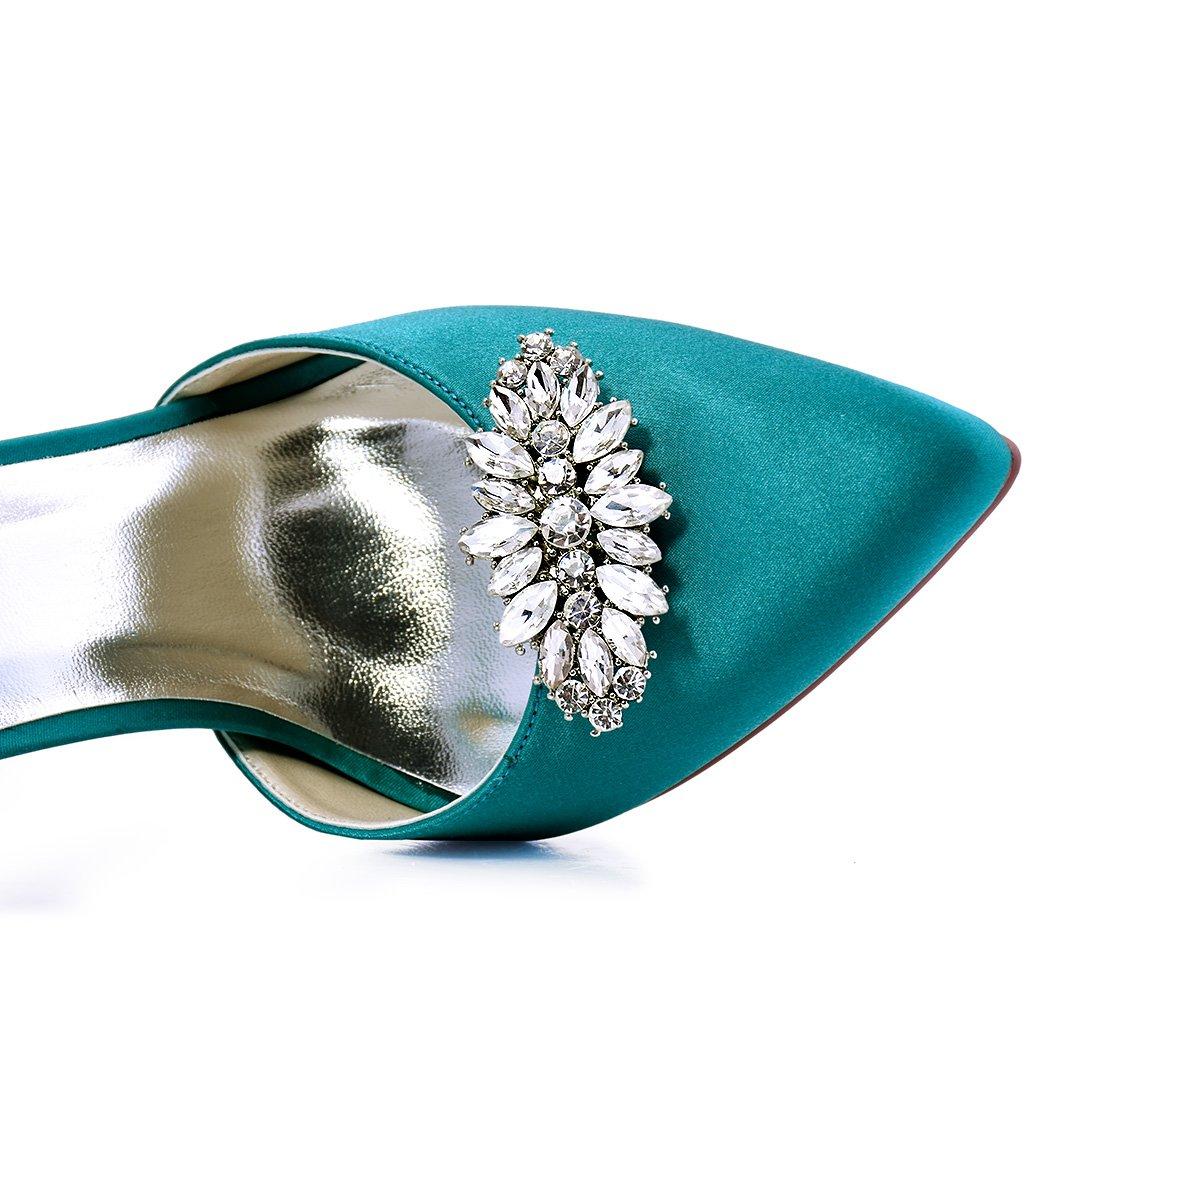 ElegantPark AW Women's Leaf Design Rhinestones Crystal Clutch Dress Hat Shoe Clips Silver 2 Pcs by ElegantPark (Image #4)